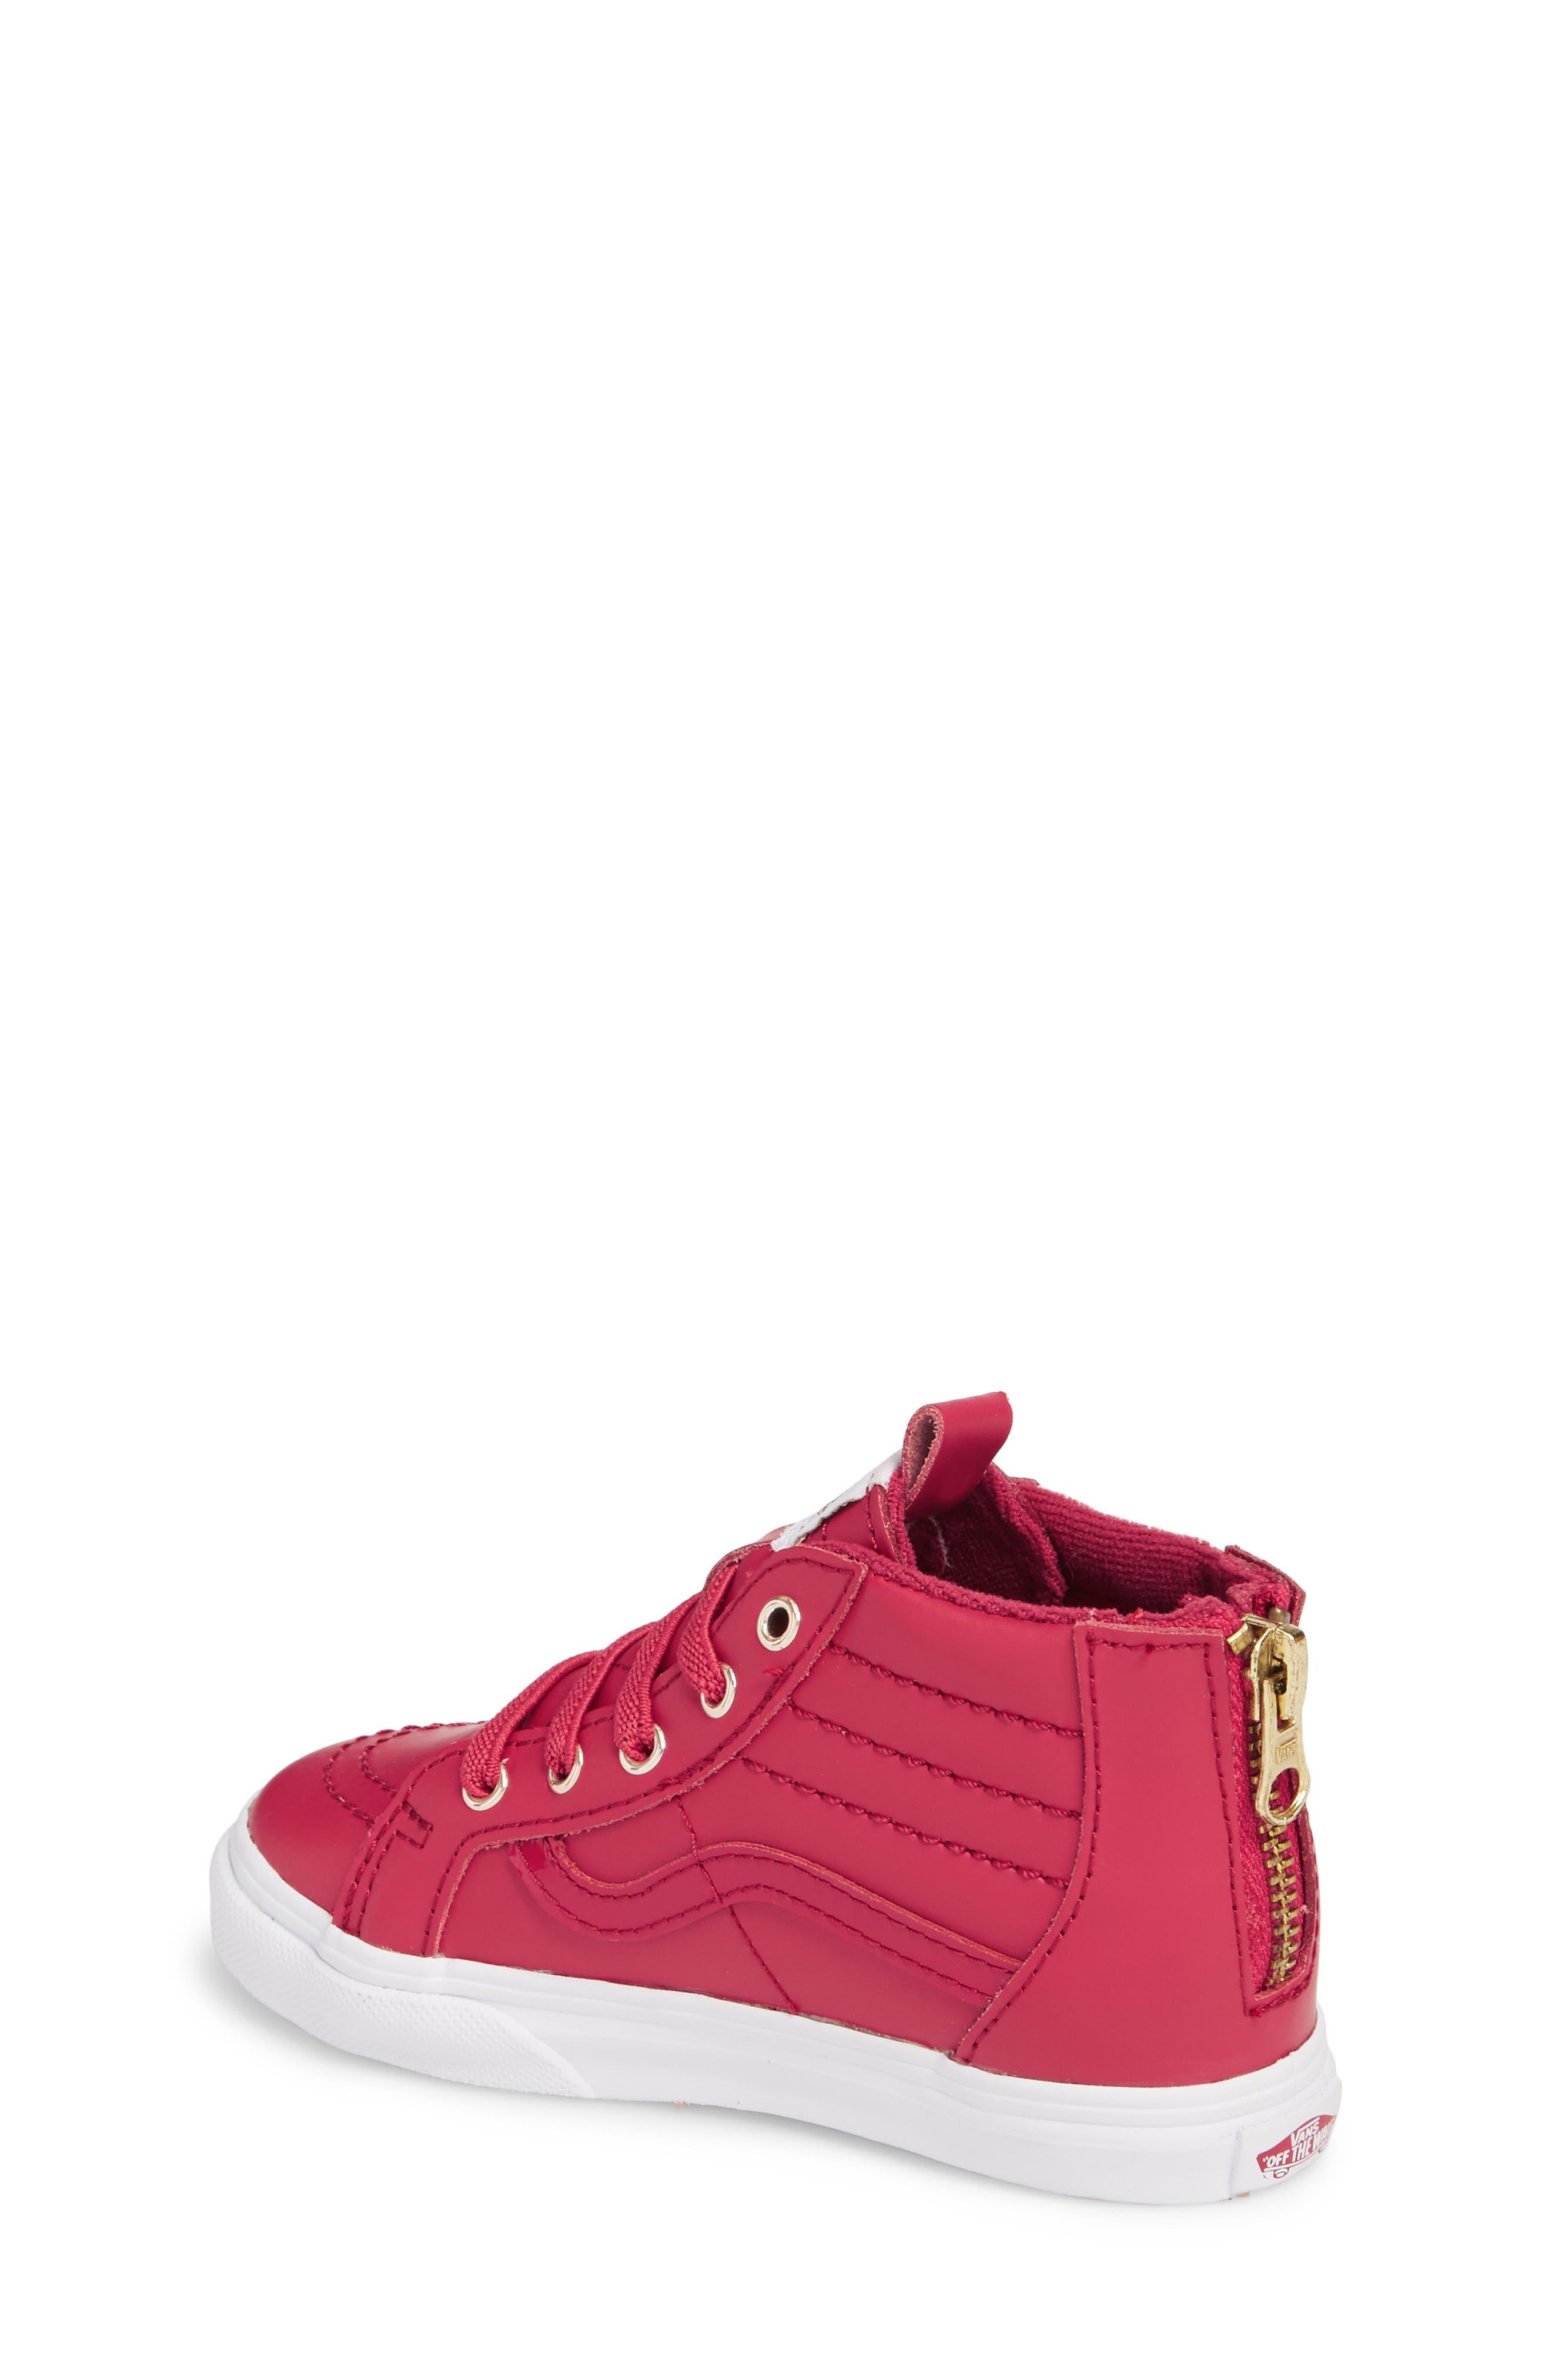 SK8-Hi Zip Sneaker,                             Alternate thumbnail 2, color,                             Persian Red/ Gold